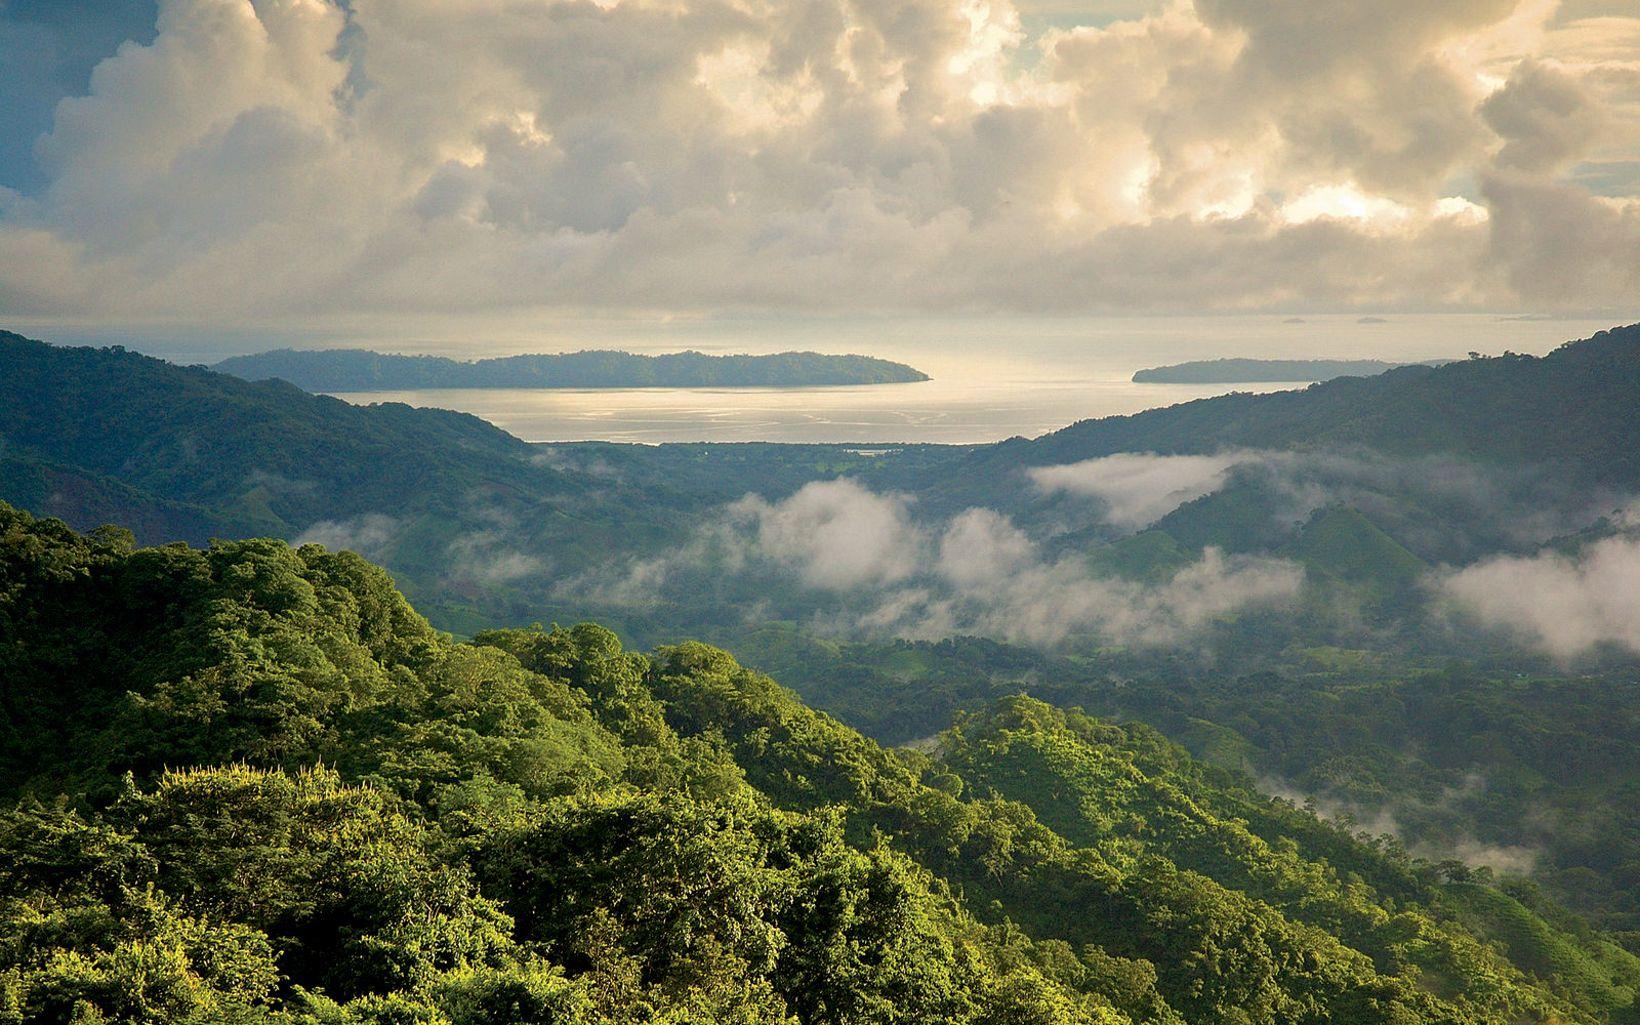 Bosque seco tropical y el Golfo de Nicoya, durante la temporada de lluvias; fotografiado desde la Reserva Karen Mogensen F.